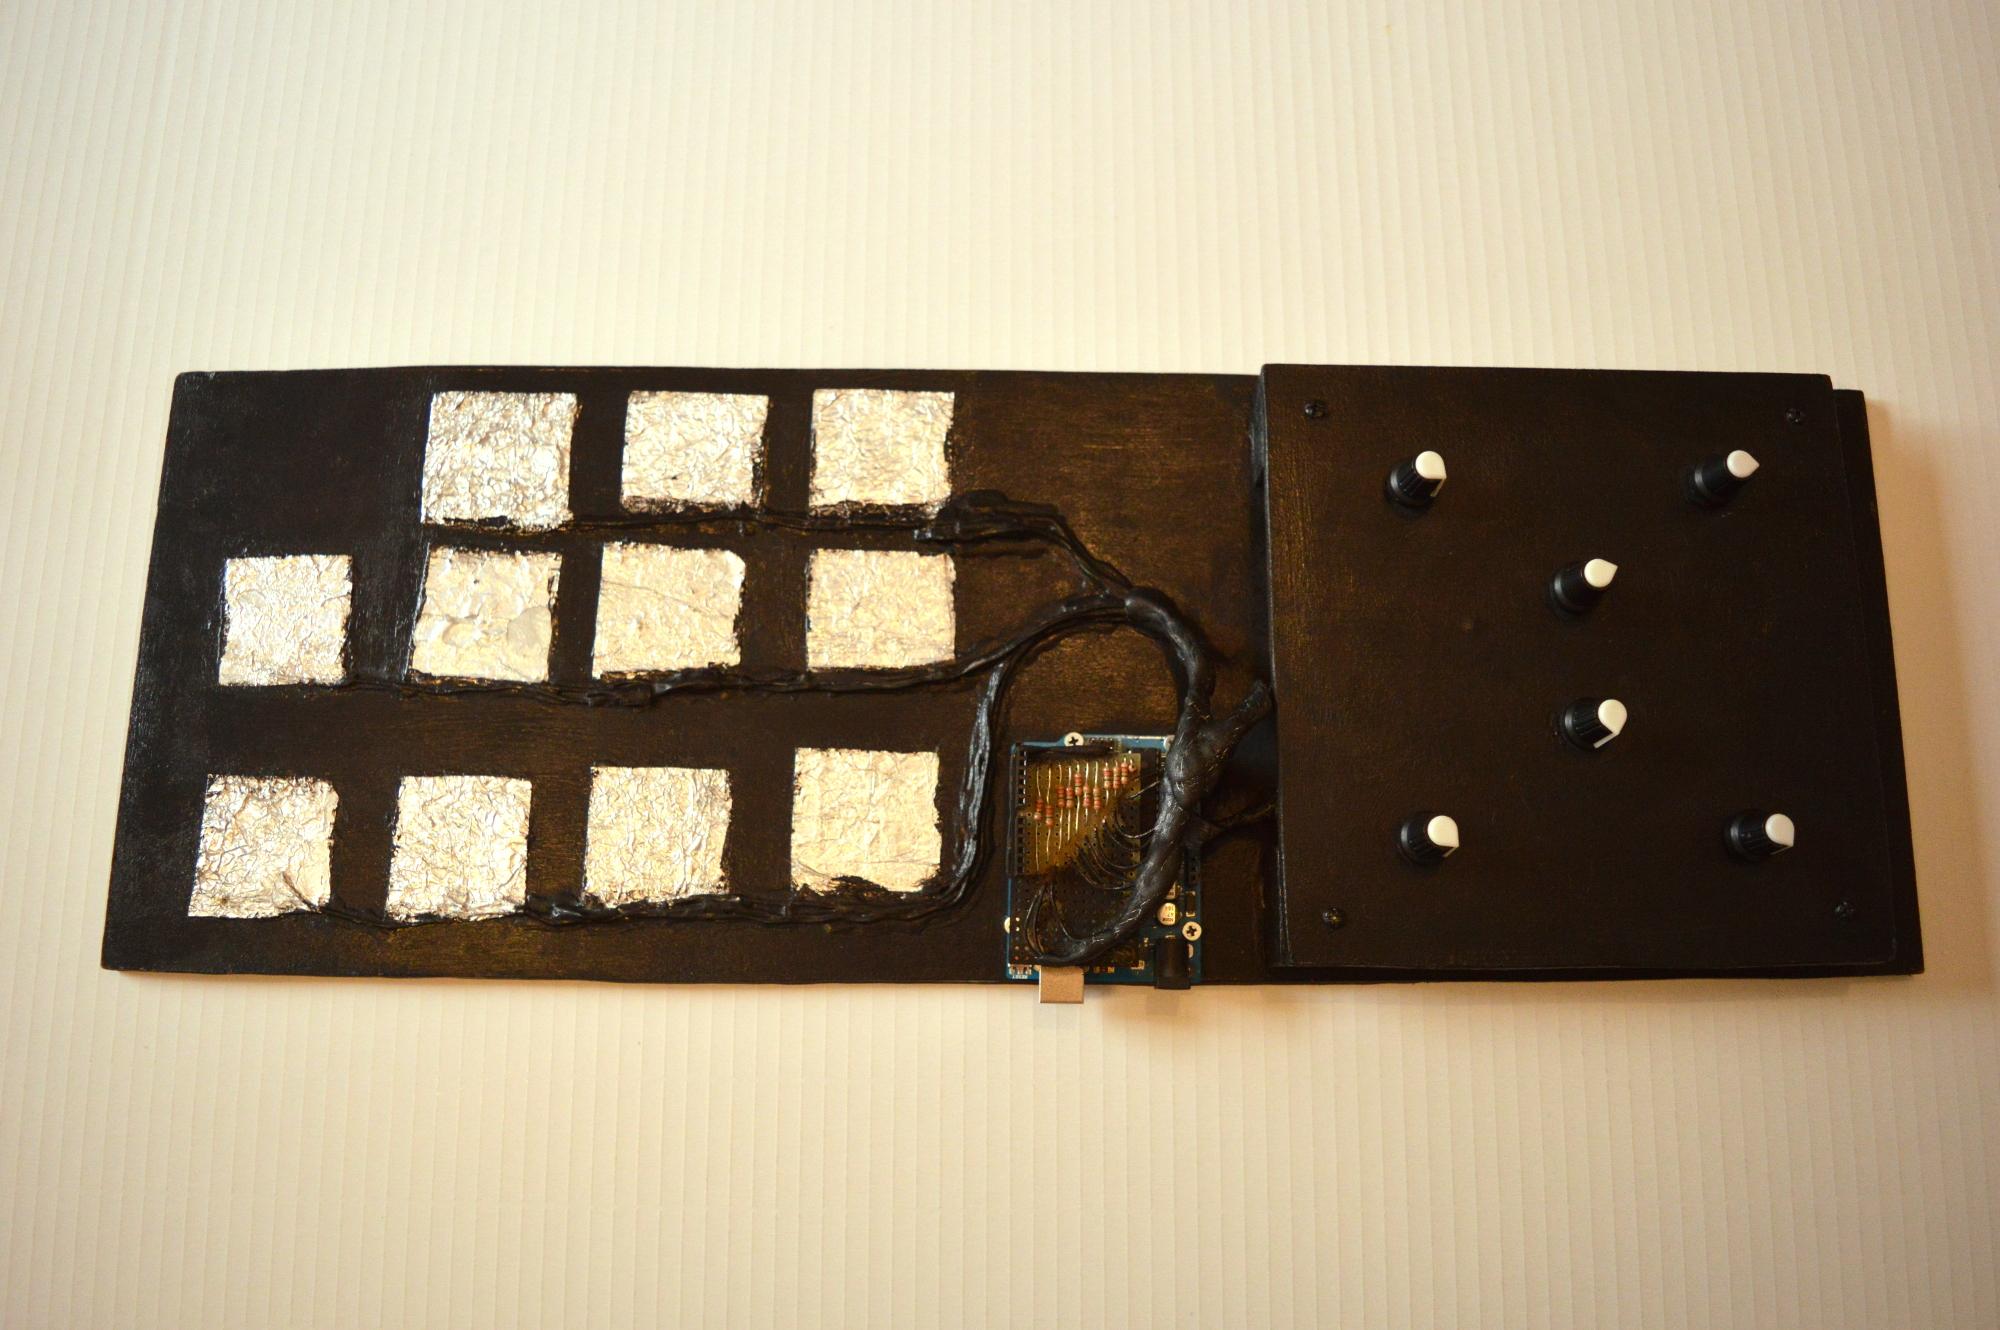 Arduino capacitive sensor: Cap-Pad